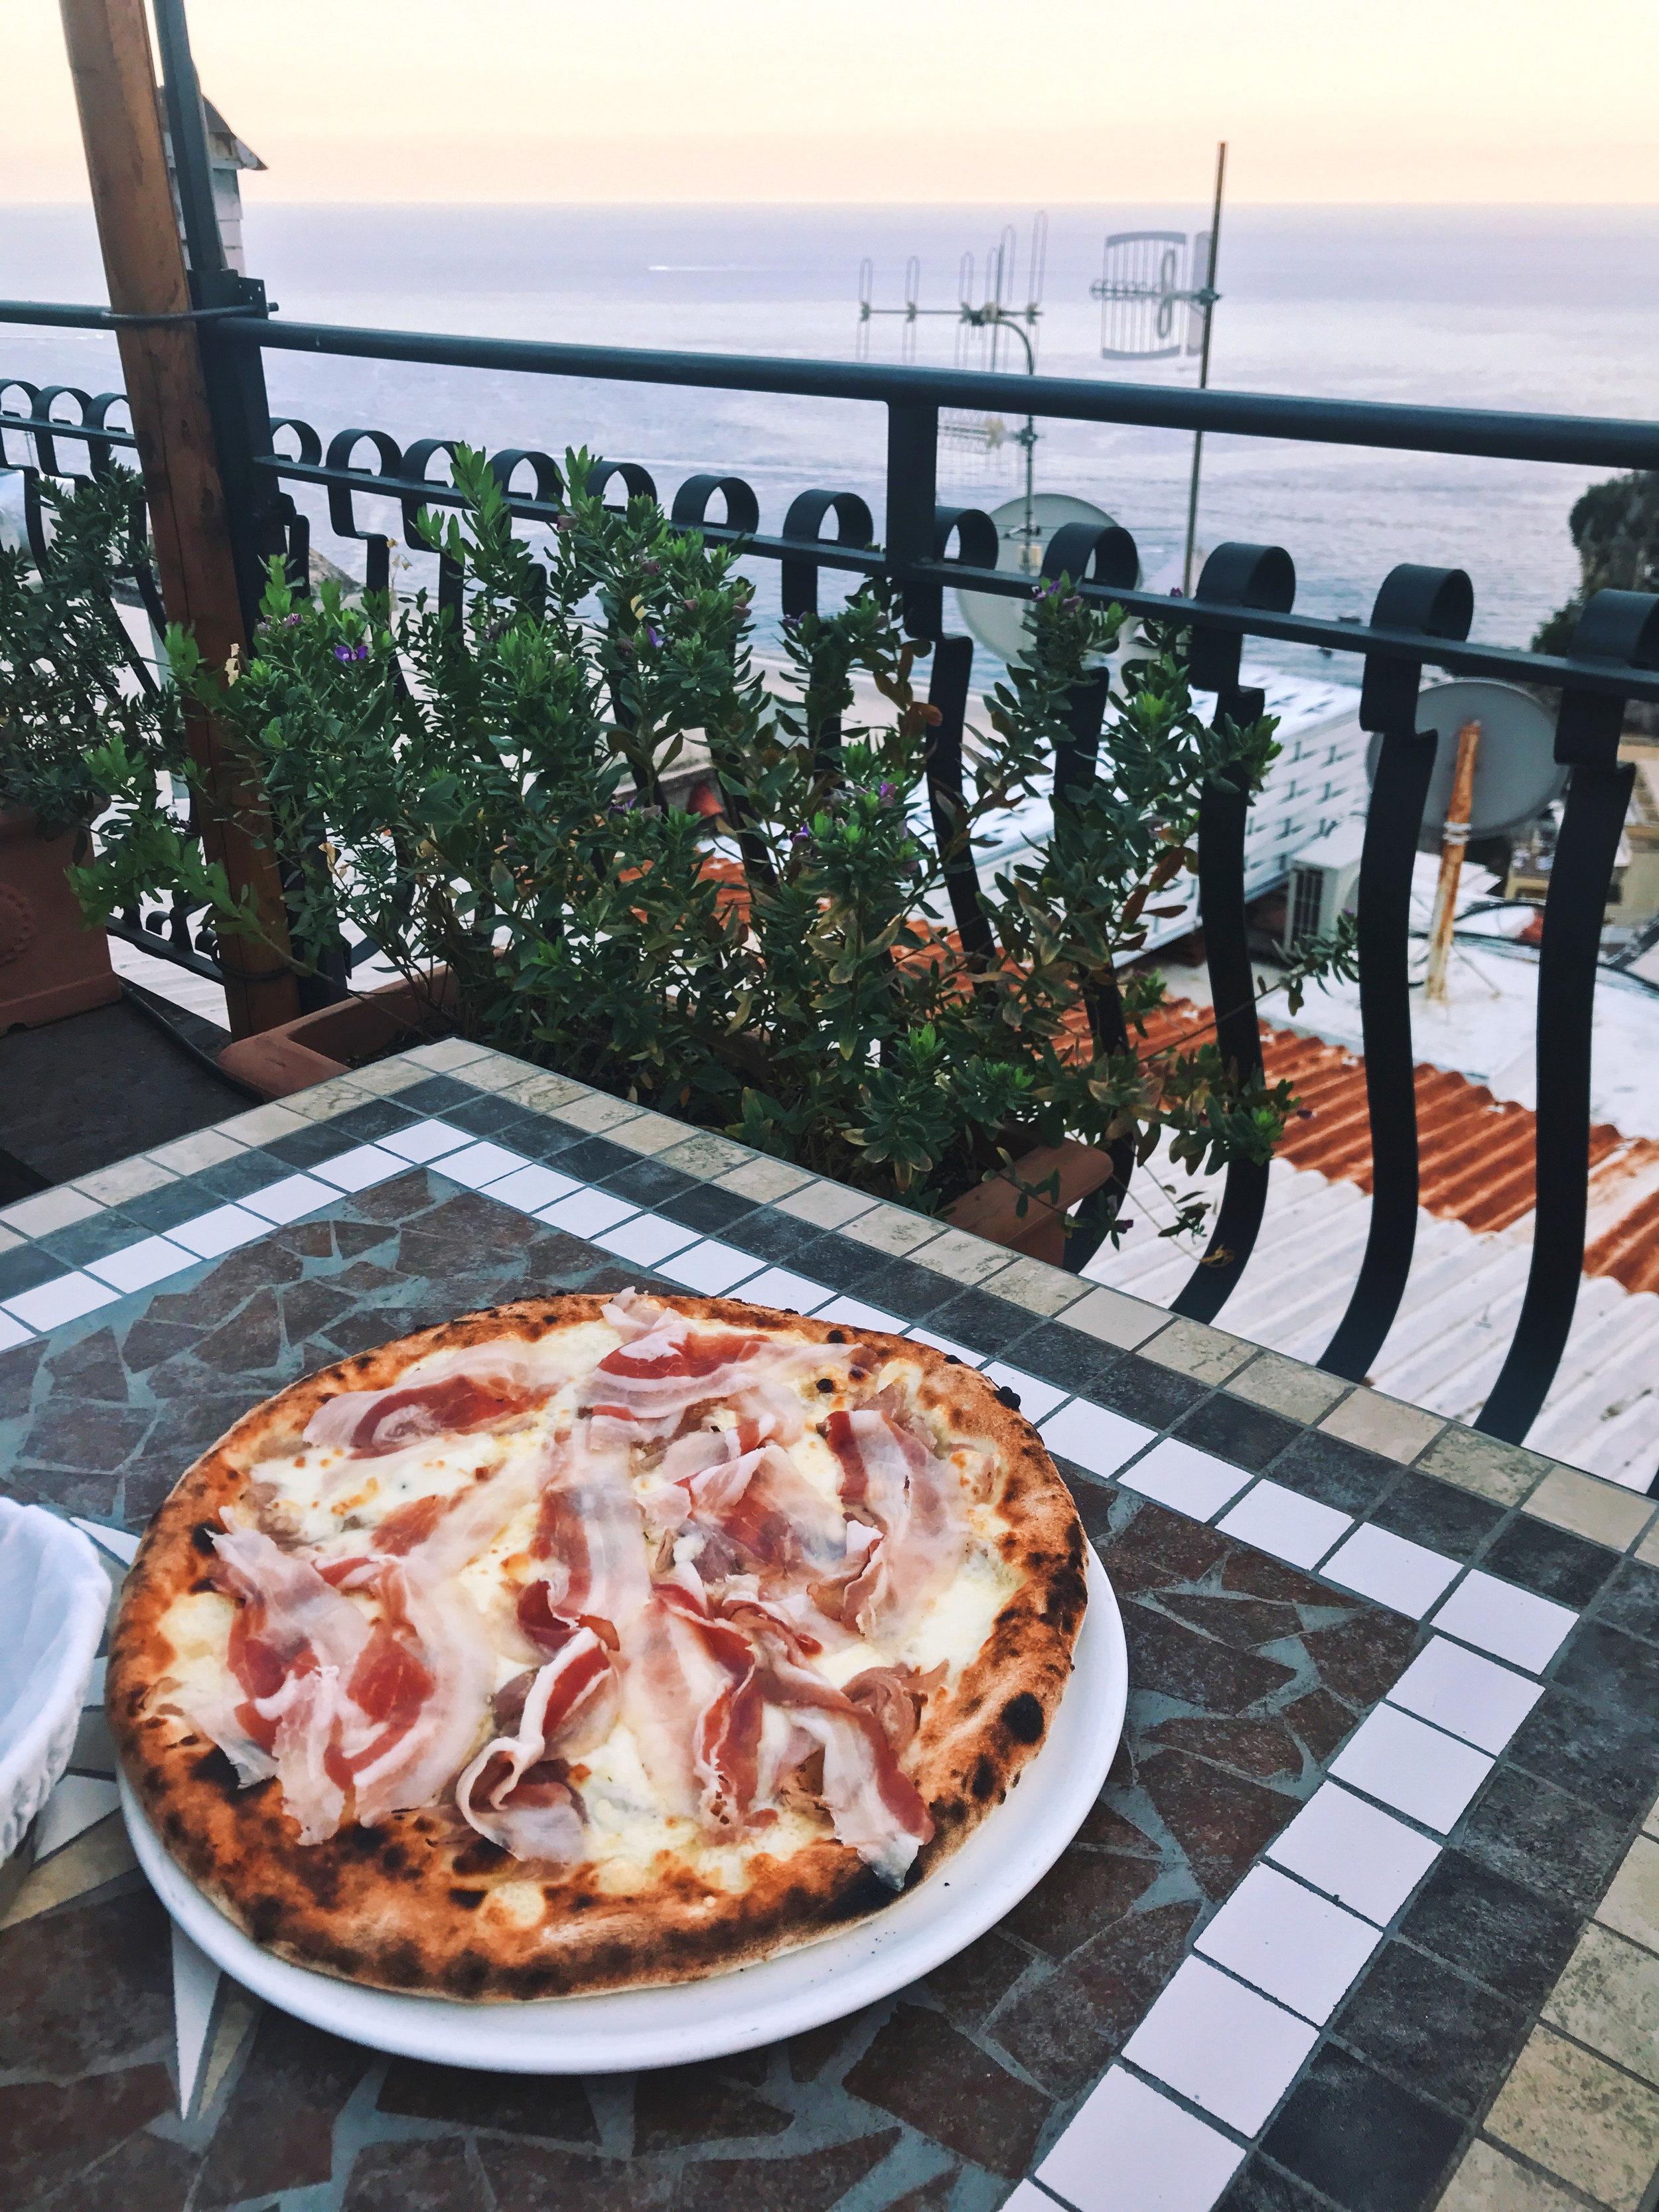 Italy-Positano-Rome-Amalfi-Coast-Lena-Mirisola-71.JPG